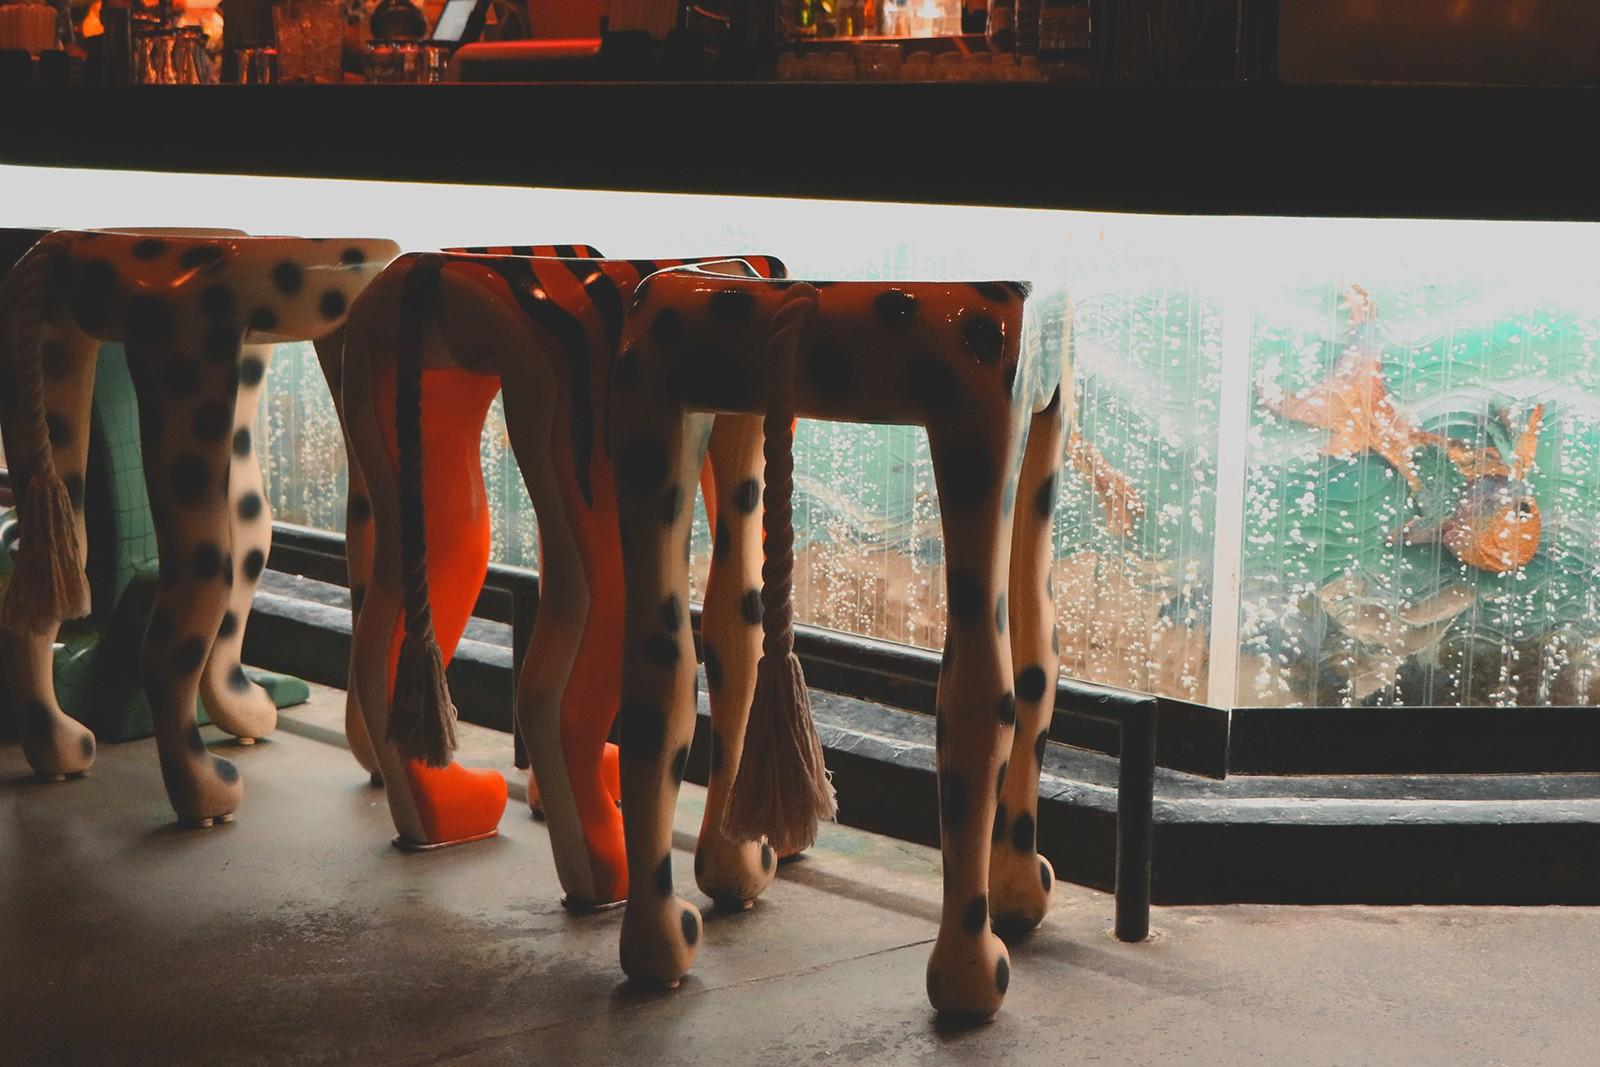 cadeiras com pés de animais